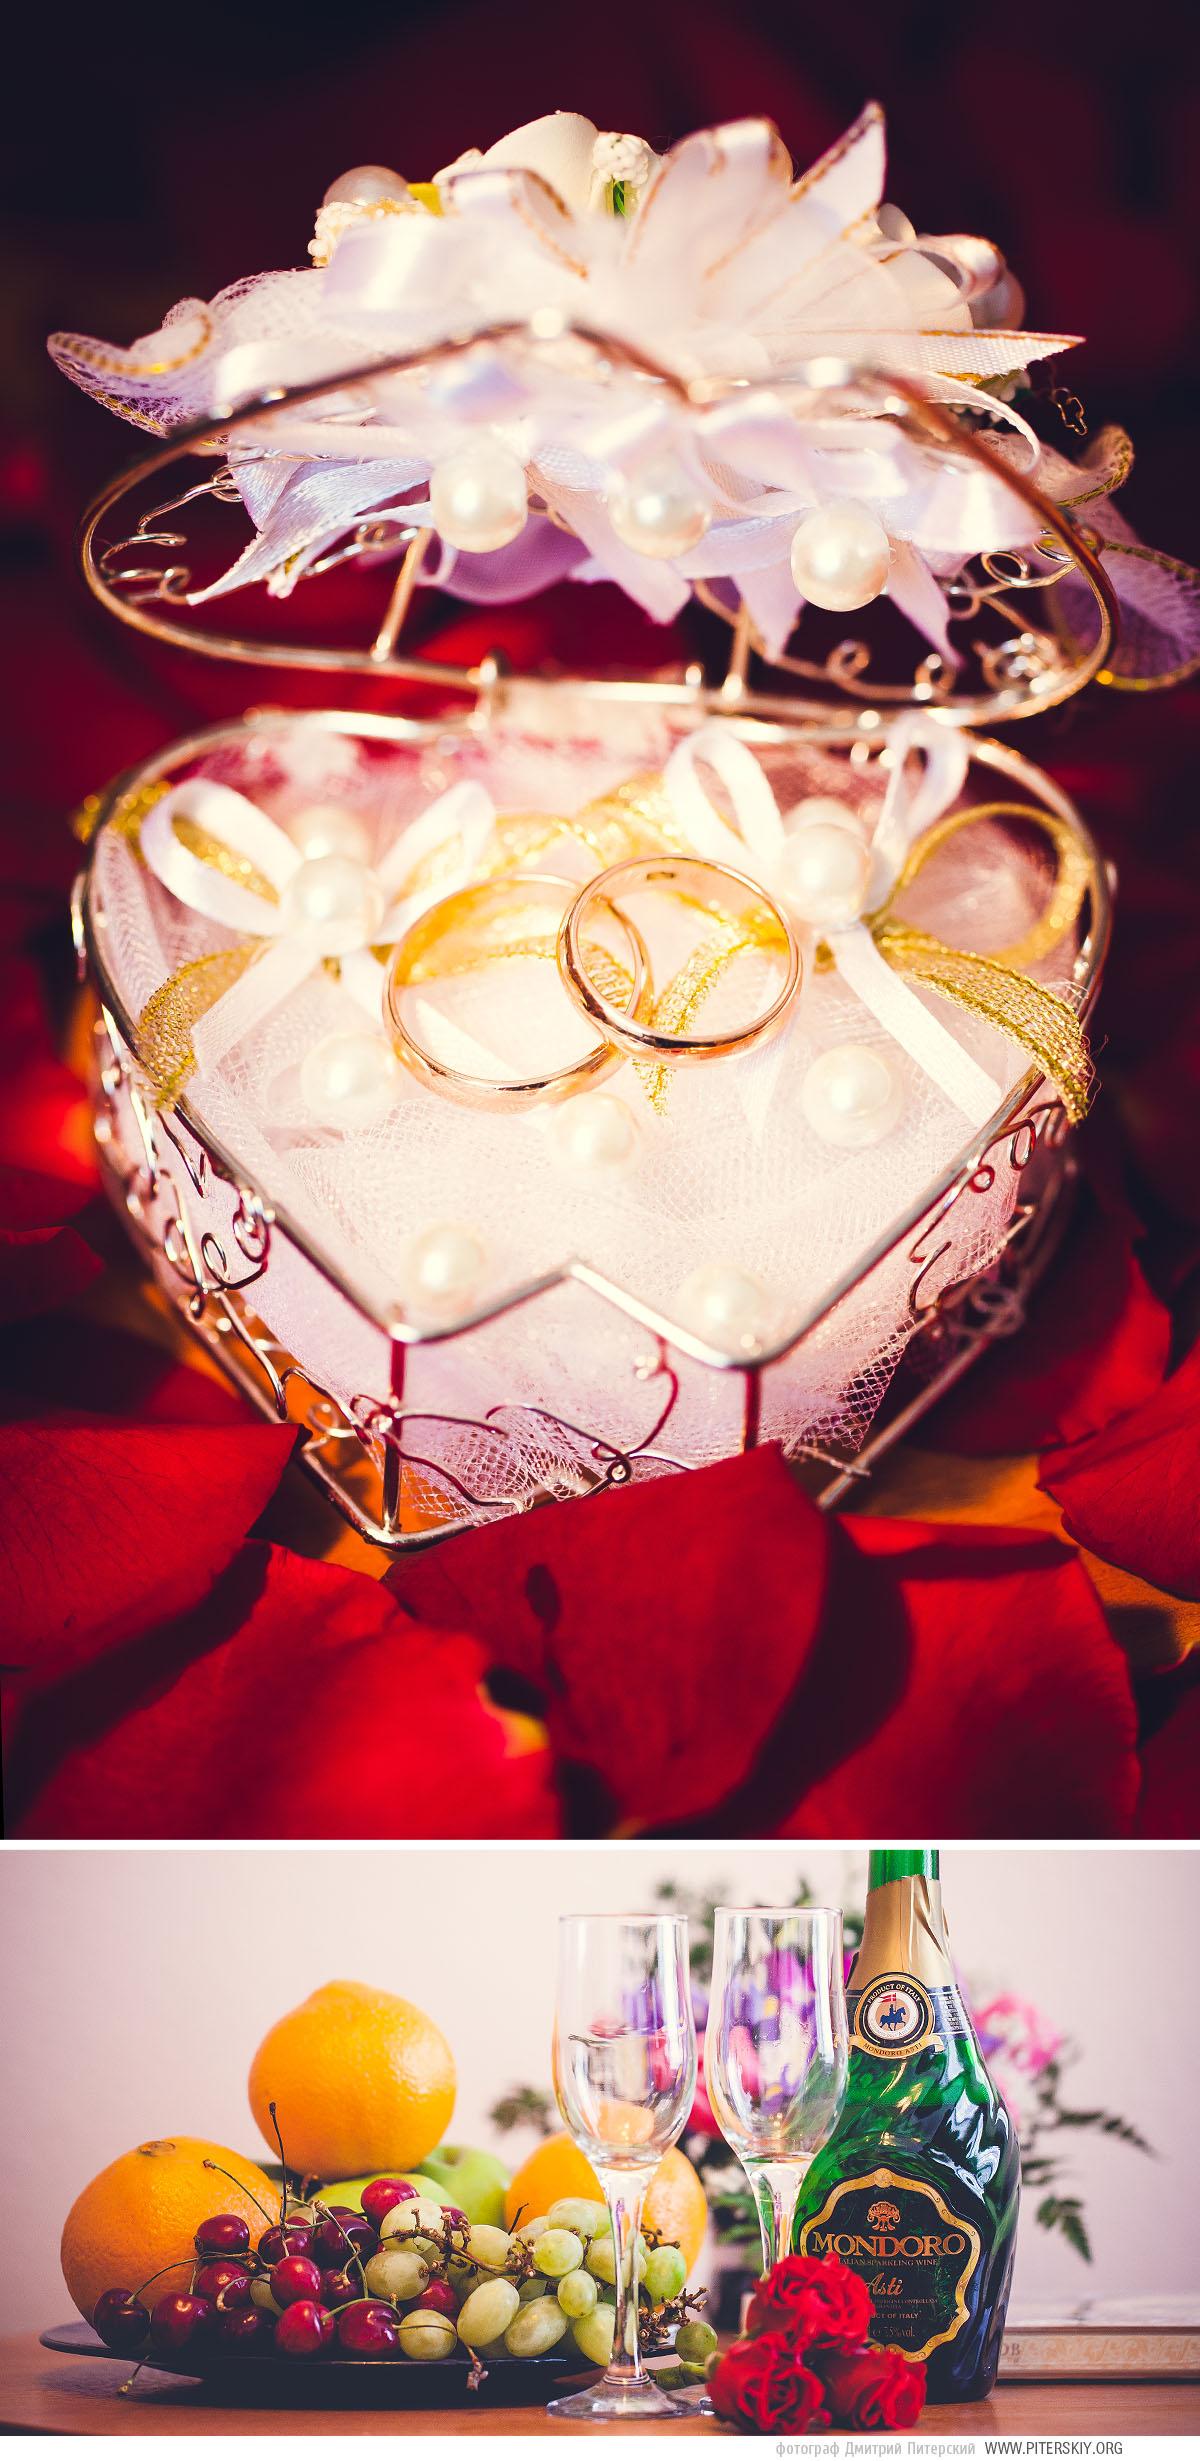 Свадебный фотограф Дмитрий Питерский фотограф на свадьбу фото свадебная фотография Москва wedding photography moscow russia Прогулка Загс Ресторан